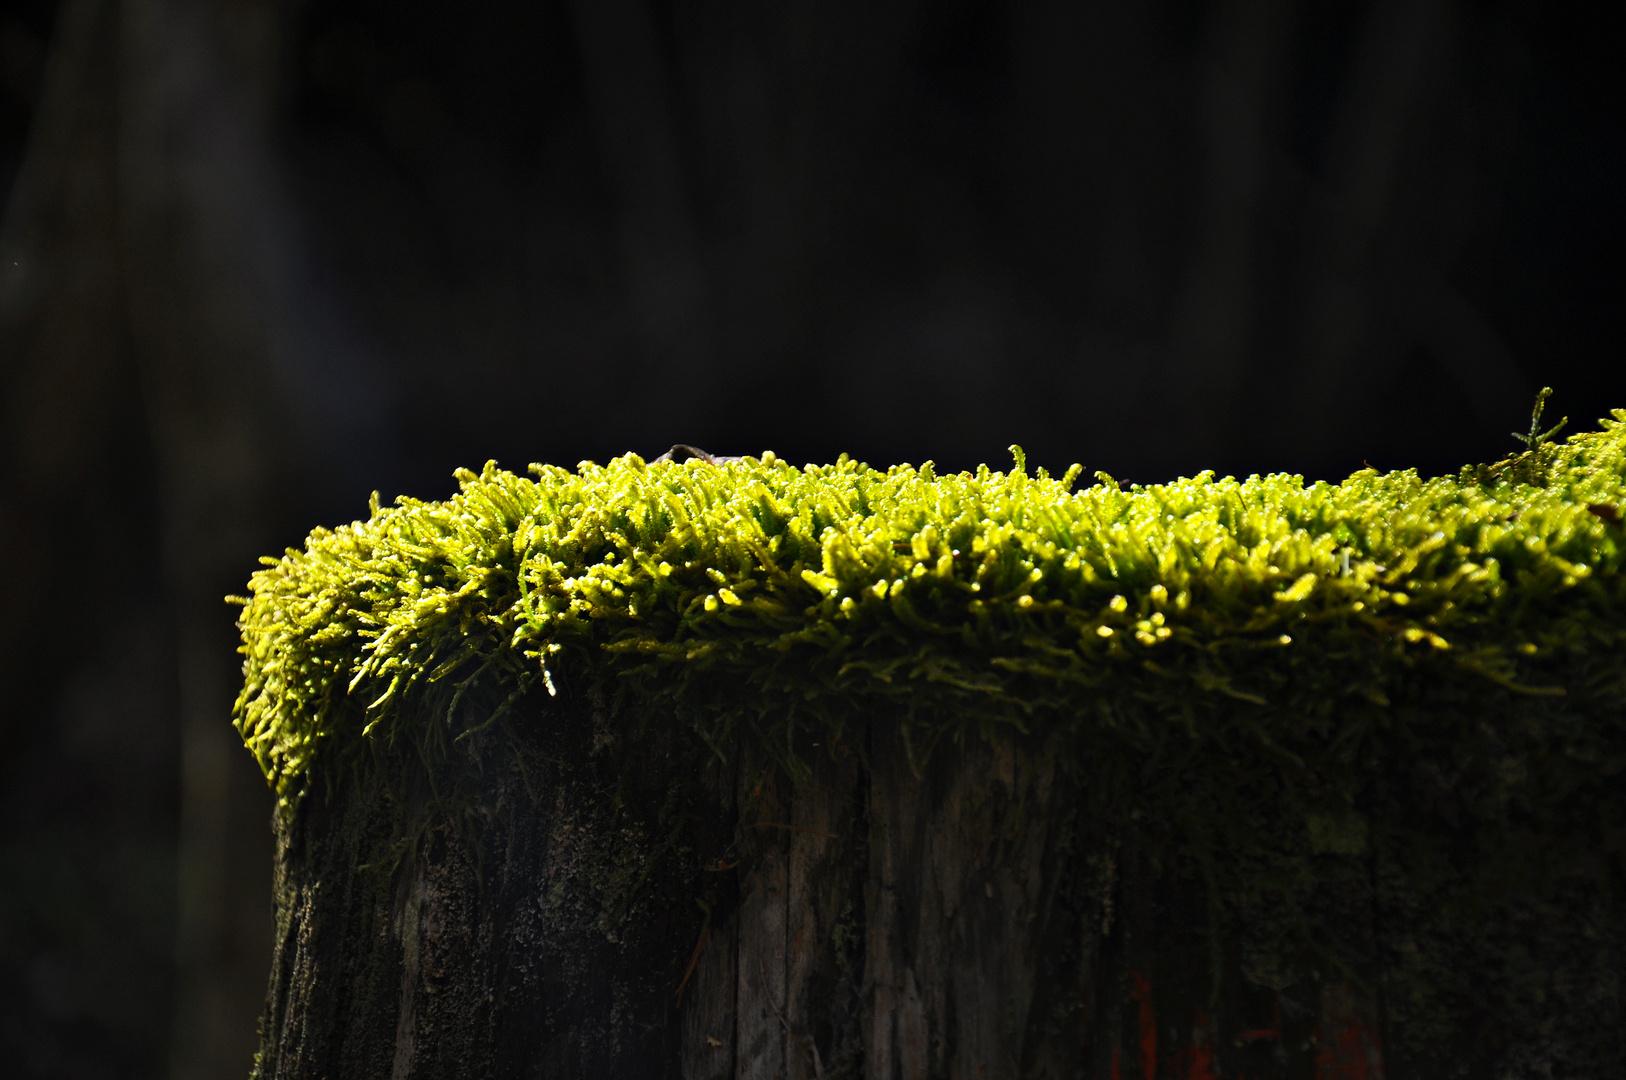 leuchtender Teppich im Wald